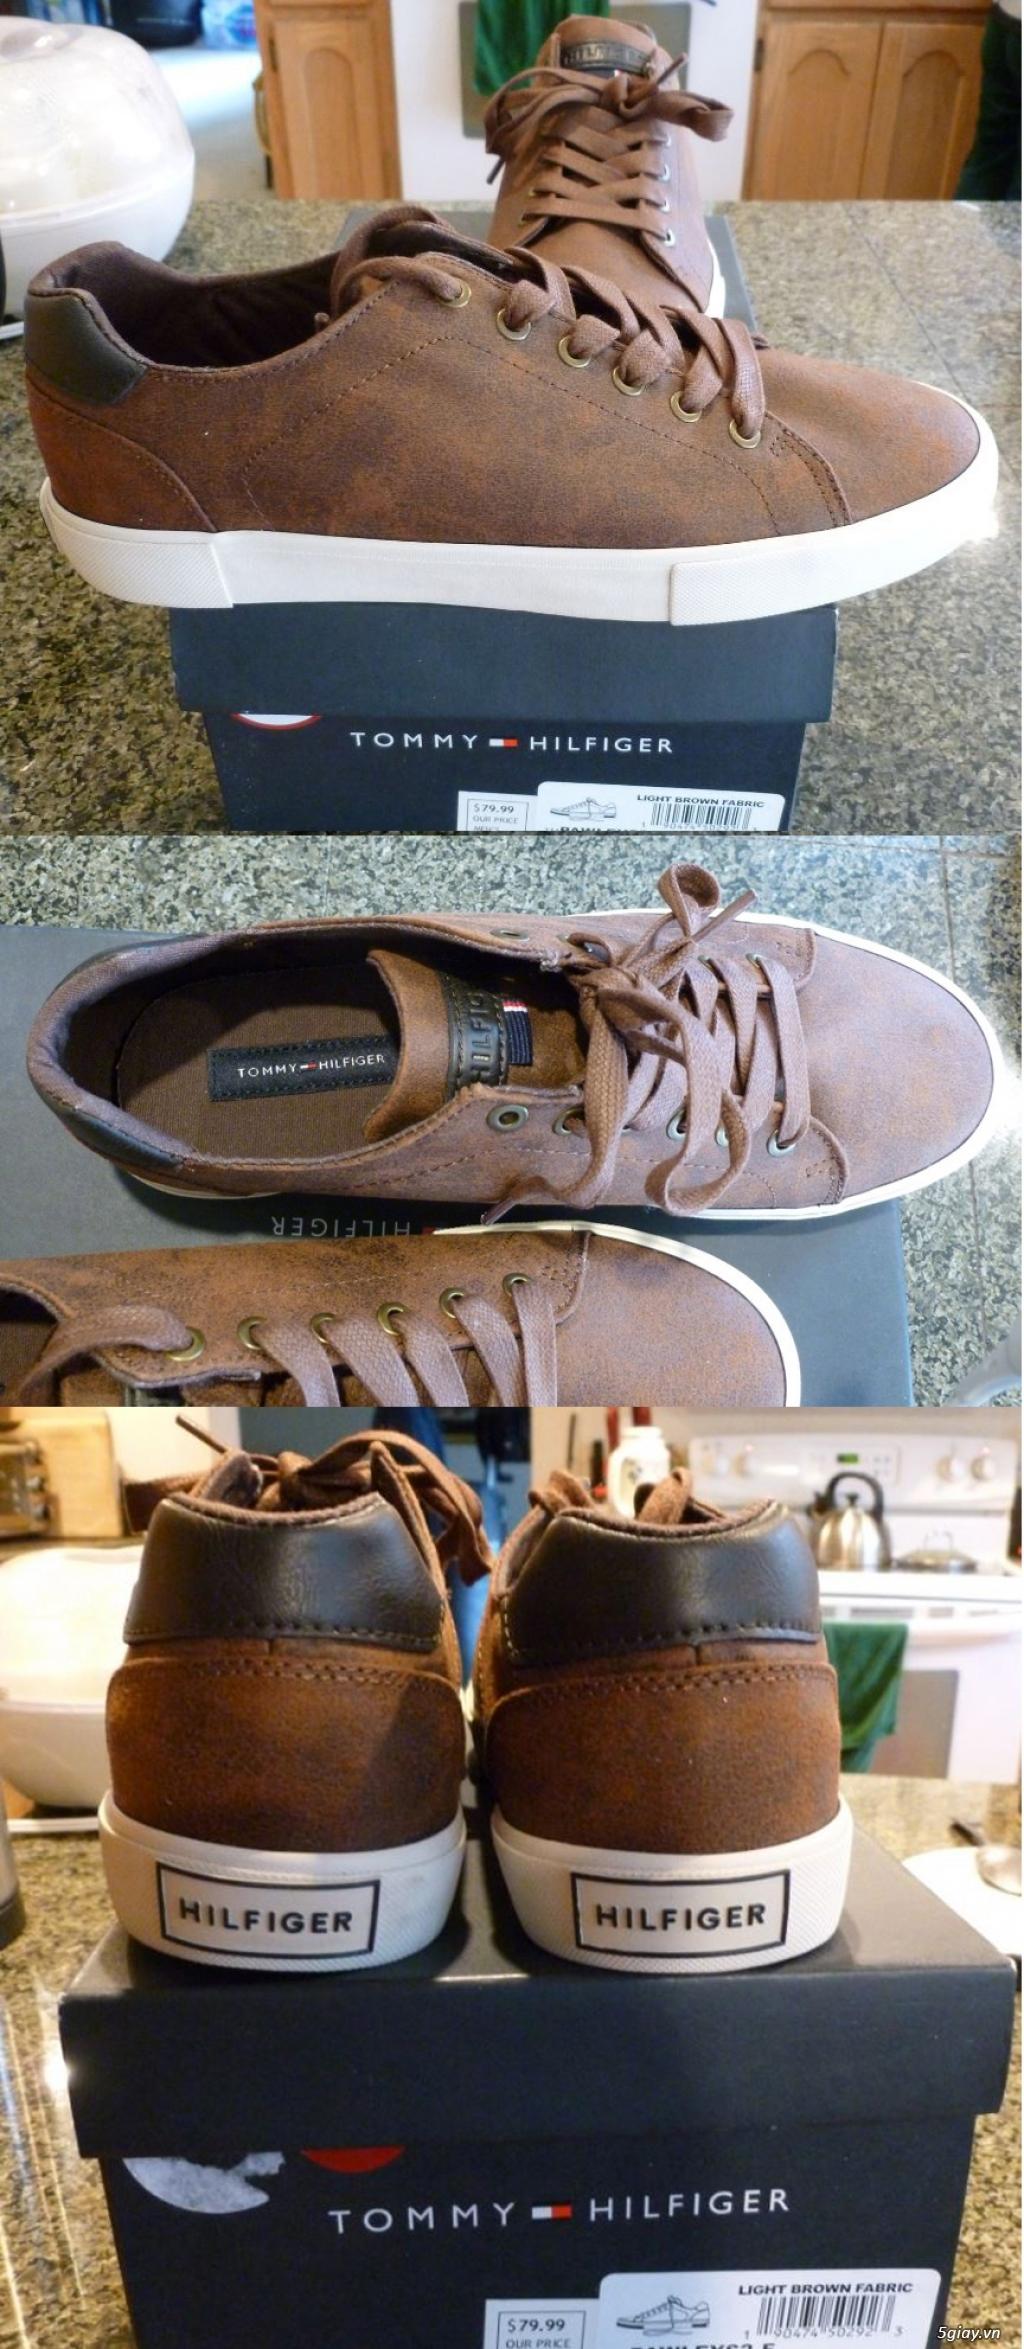 Mình xách/gửi giày Nike, Skechers, Reebok, Polo, Converse, v.v. từ Mỹ. - 13